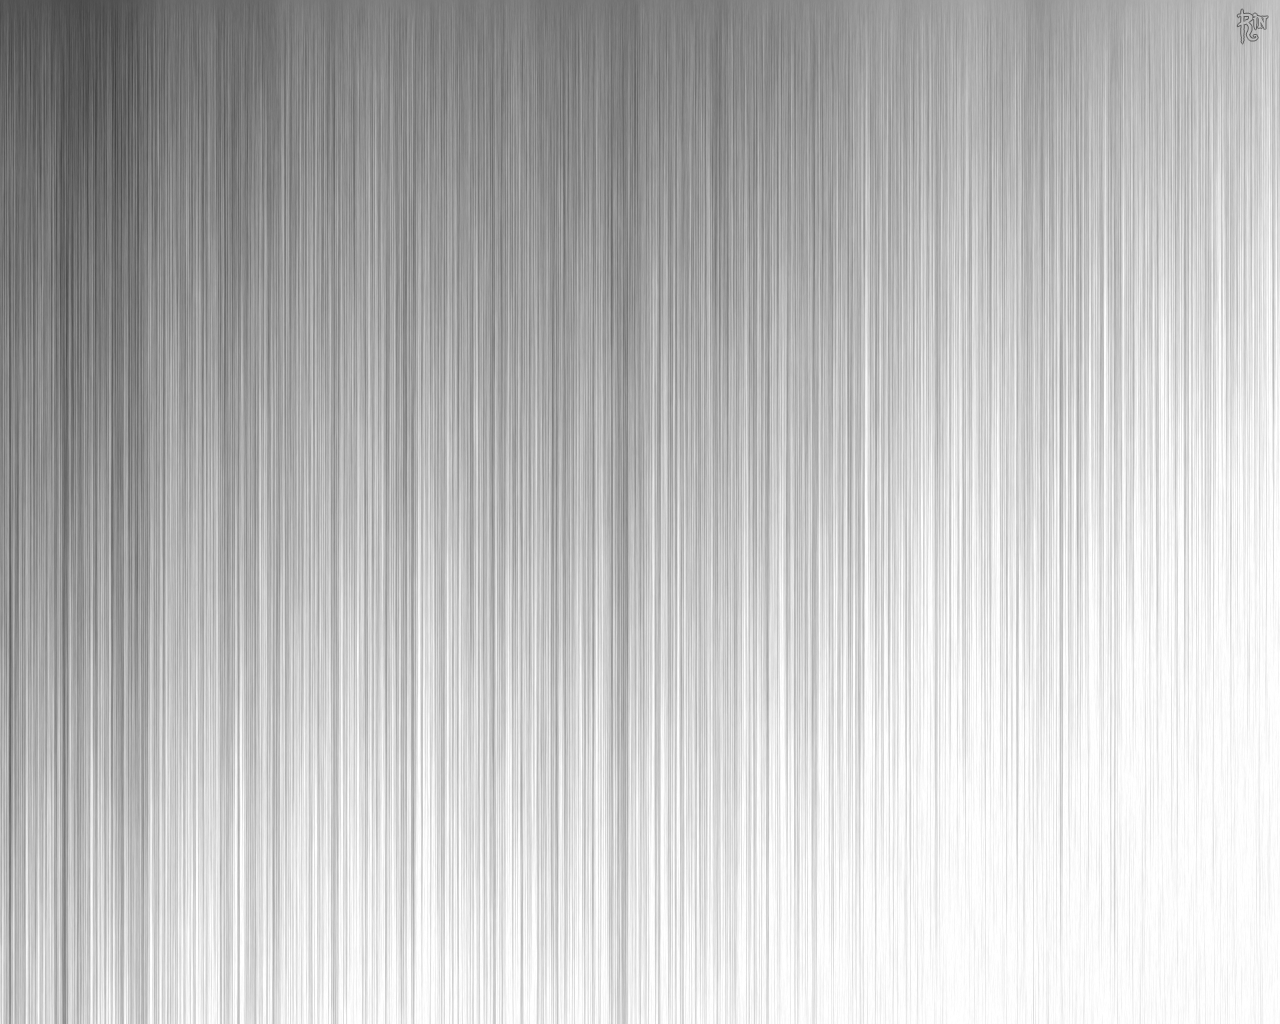 De color gris claro xp fondos de pantalla de color gris - Color gris claro ...